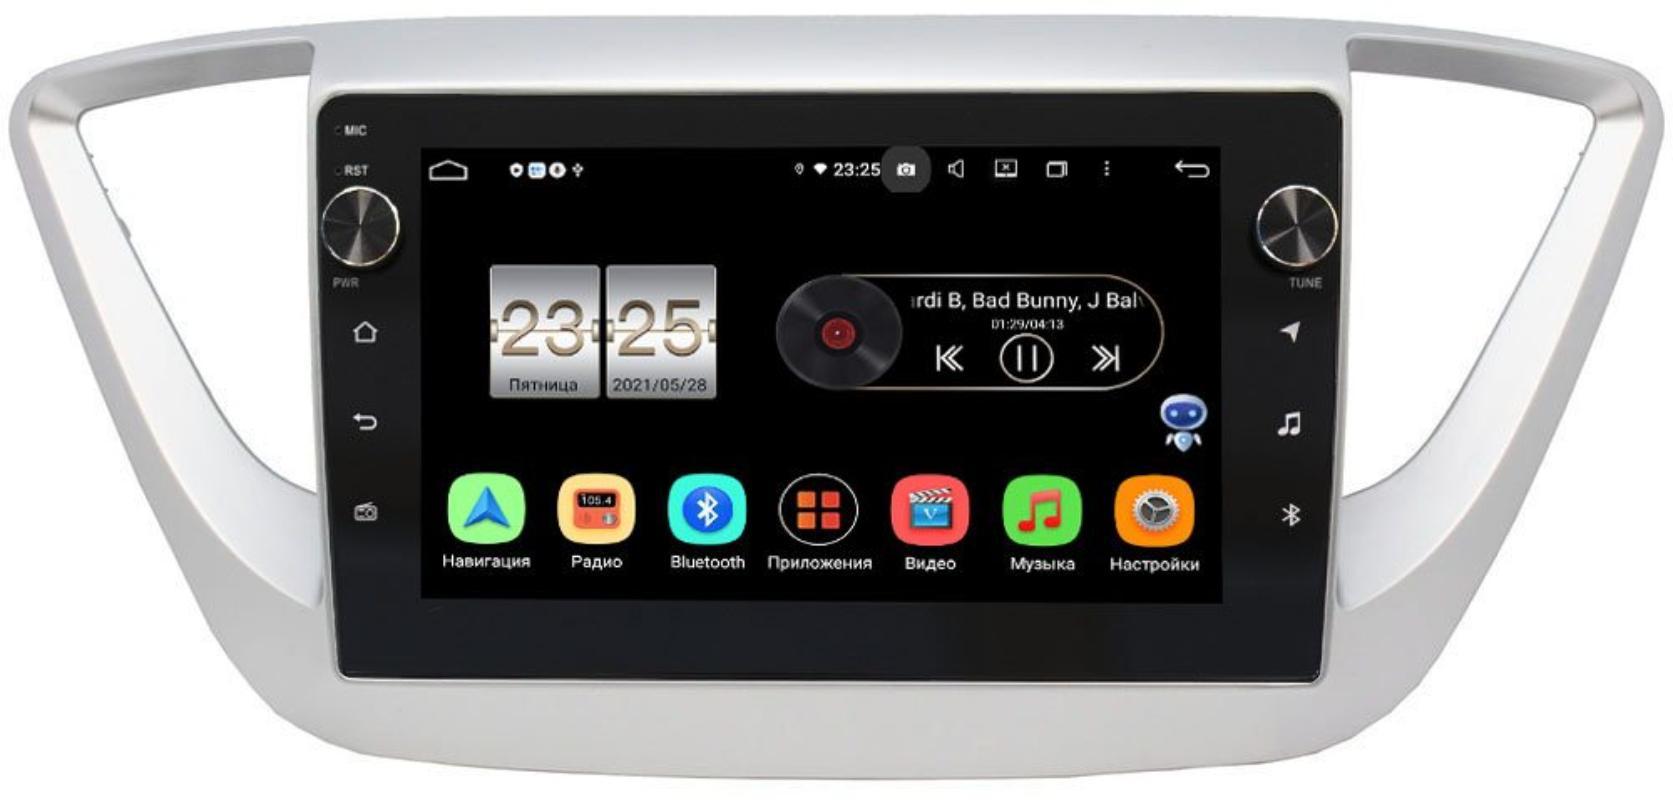 Штатная магнитола Hyundai Solaris II 2017-2021 LeTrun BPX609-9039 на Android 10 (4/64, DSP, IPS, с голосовым ассистентом, с крутилками) (+ Камера заднего вида в подарок!)